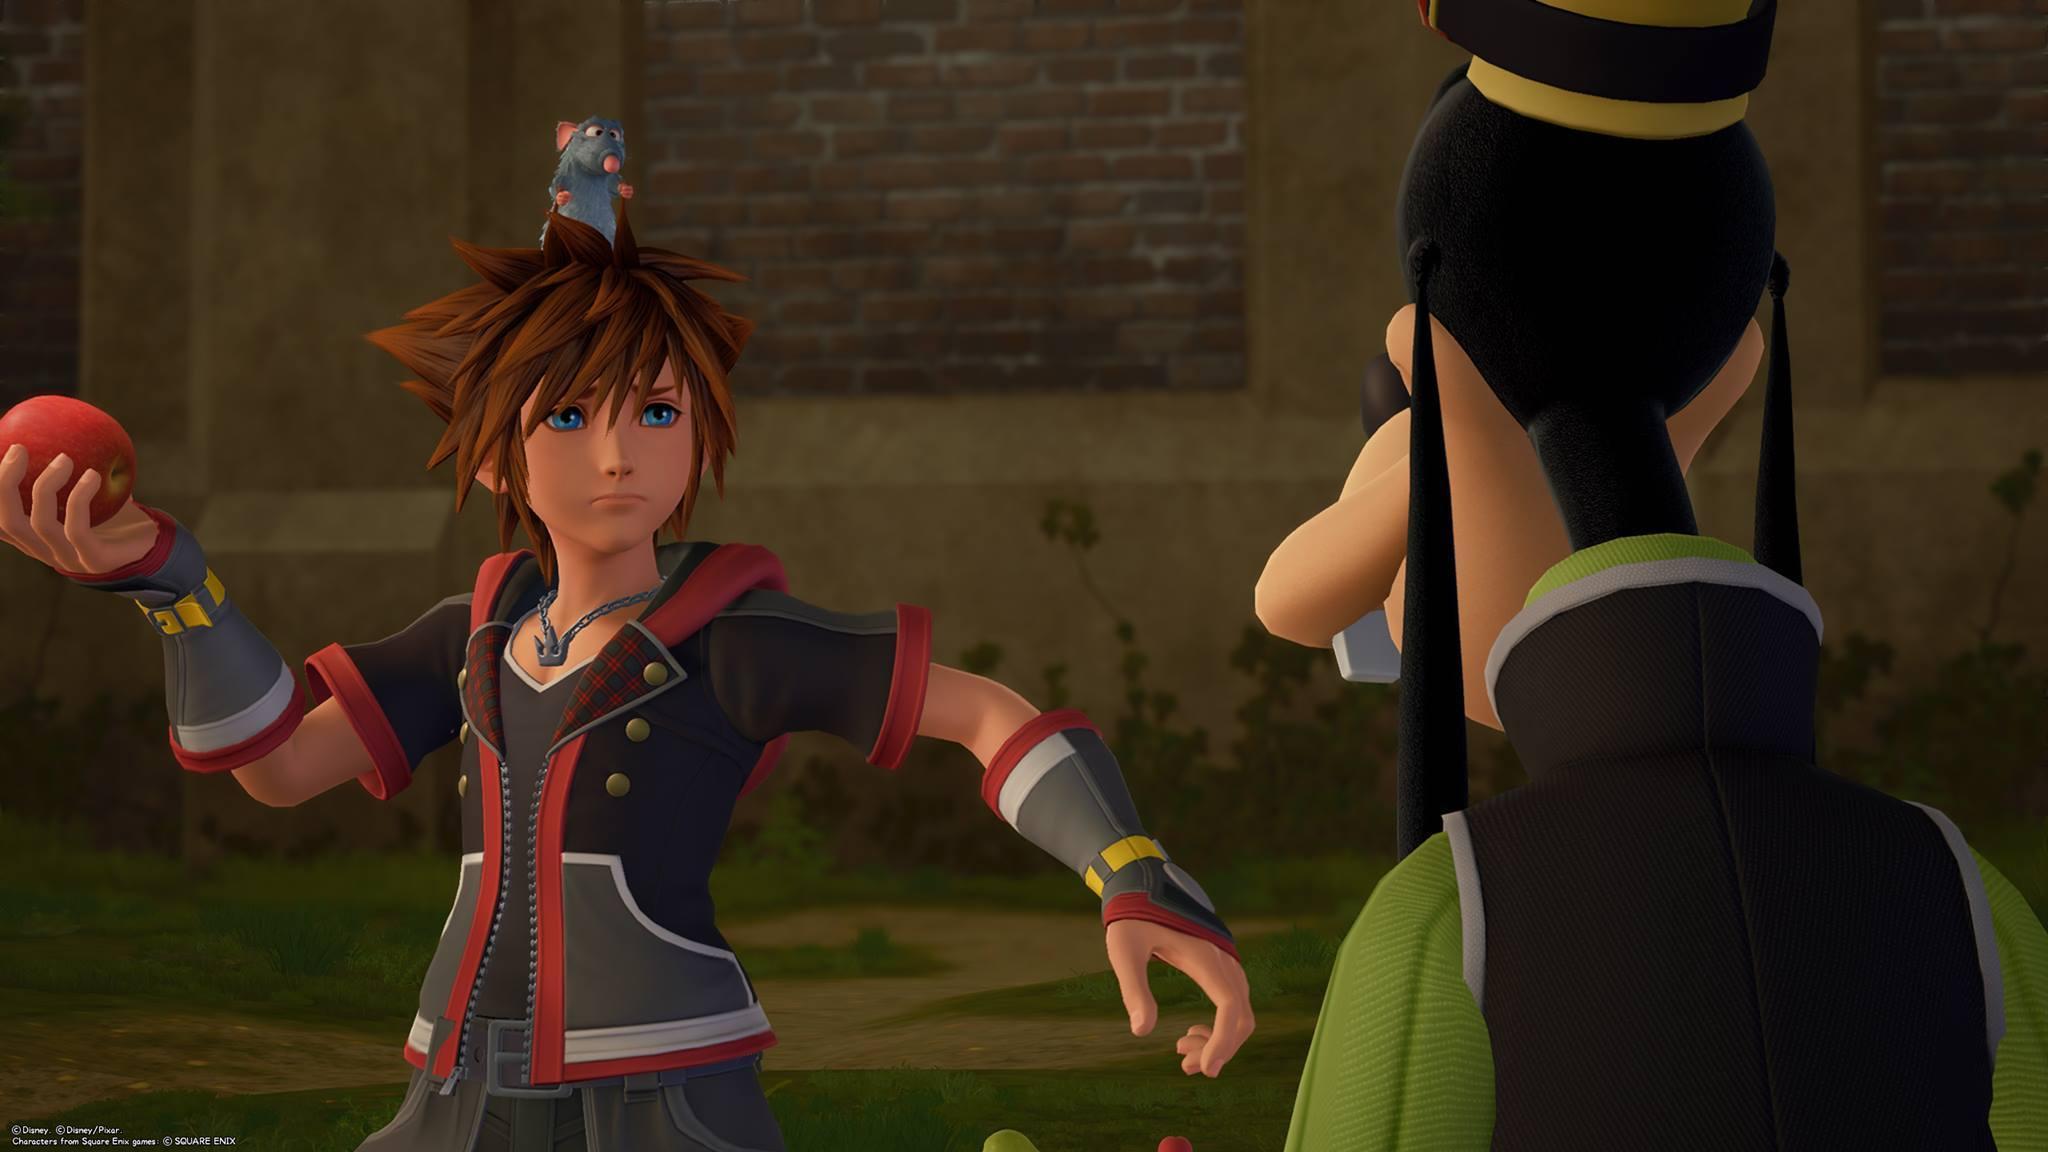 Dingo, Sora et Rémy (Ratatouille) dans Kingdom Hearts 3